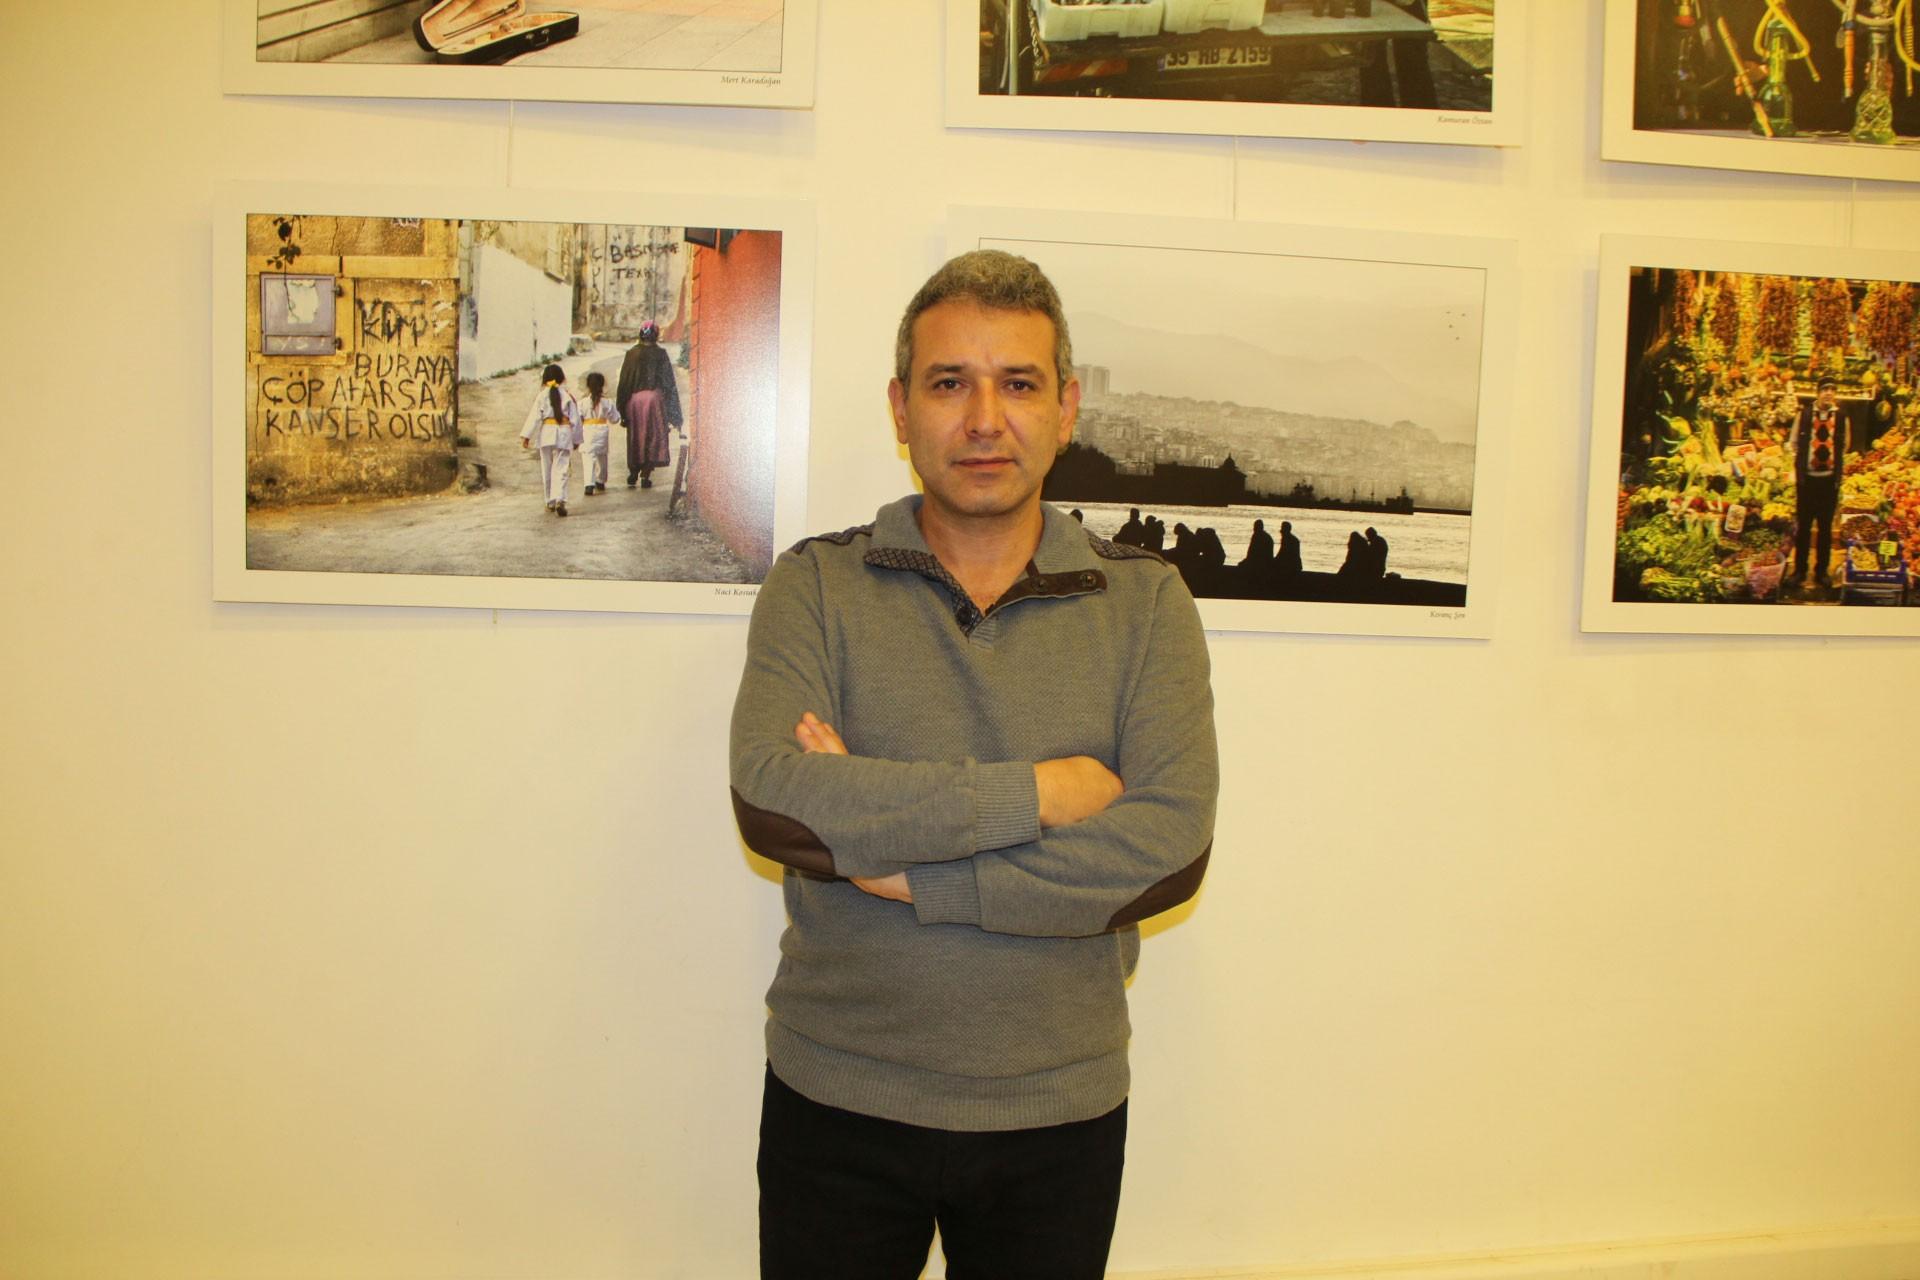 KESK İzmir Şubeler Platformu Dönem Sözcüsü ve İSİG İzmir Meclisi üyesi Mustafa Güven